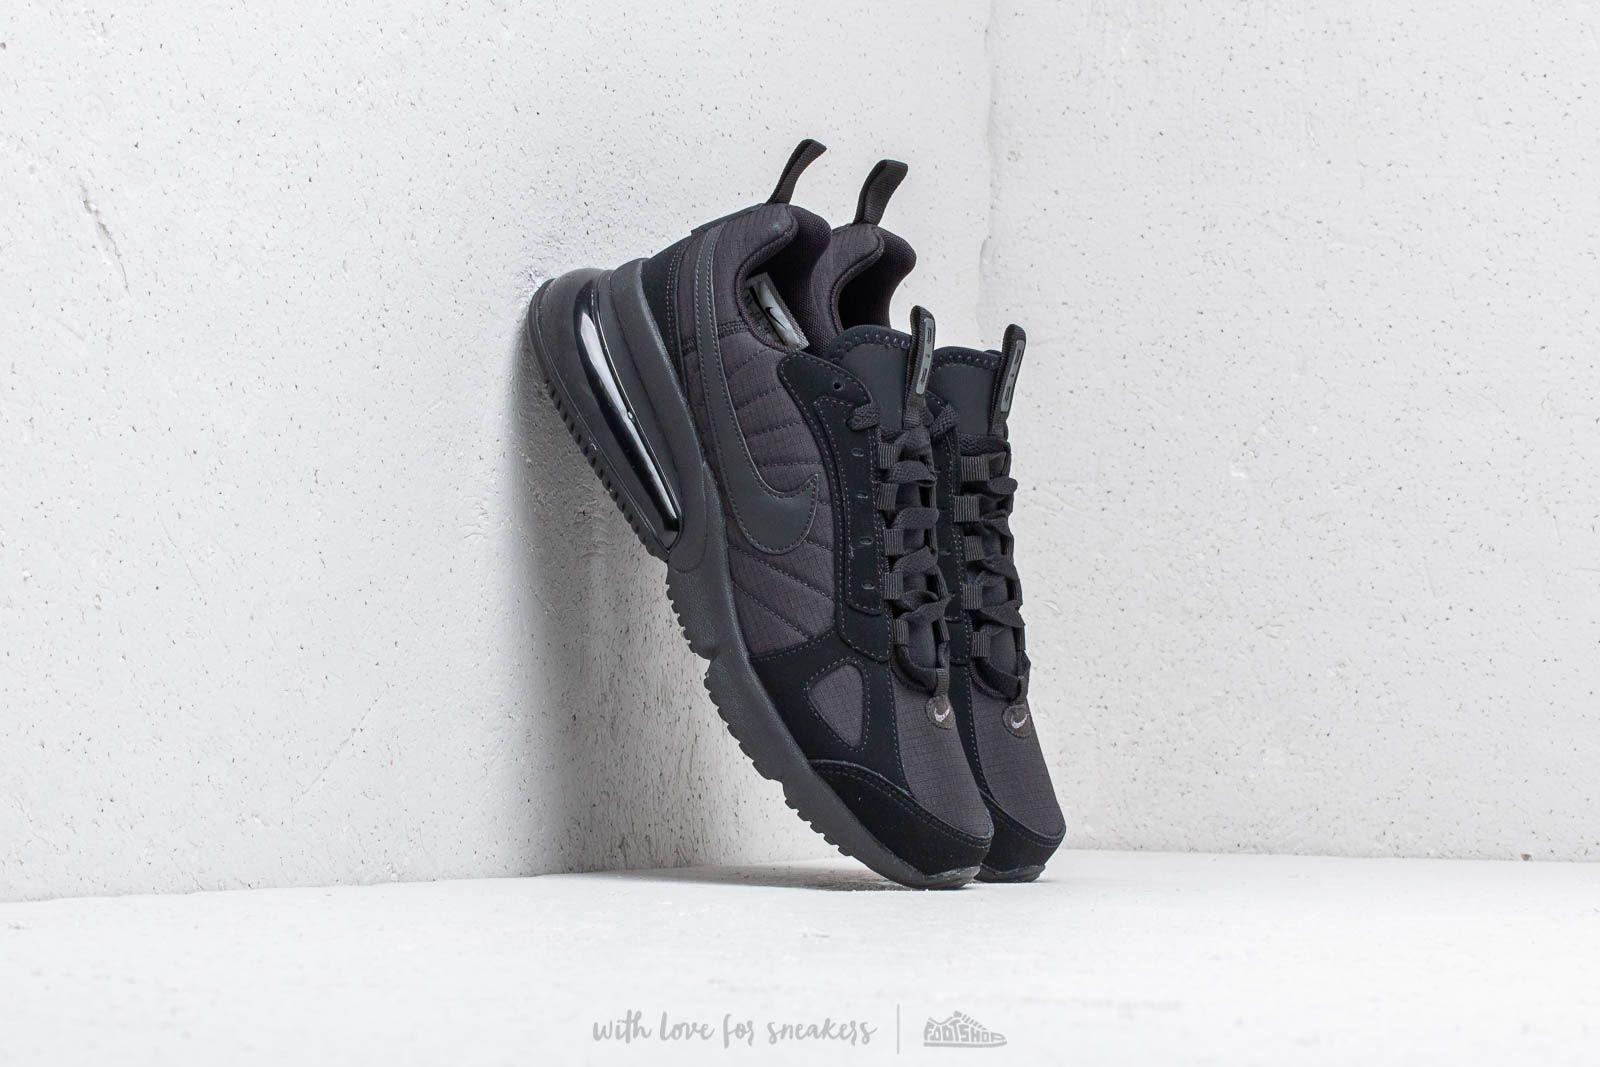 factory price e73f7 05311 Nike Air Max 270 Futura Black  Antracite  Black at a great price 139 €